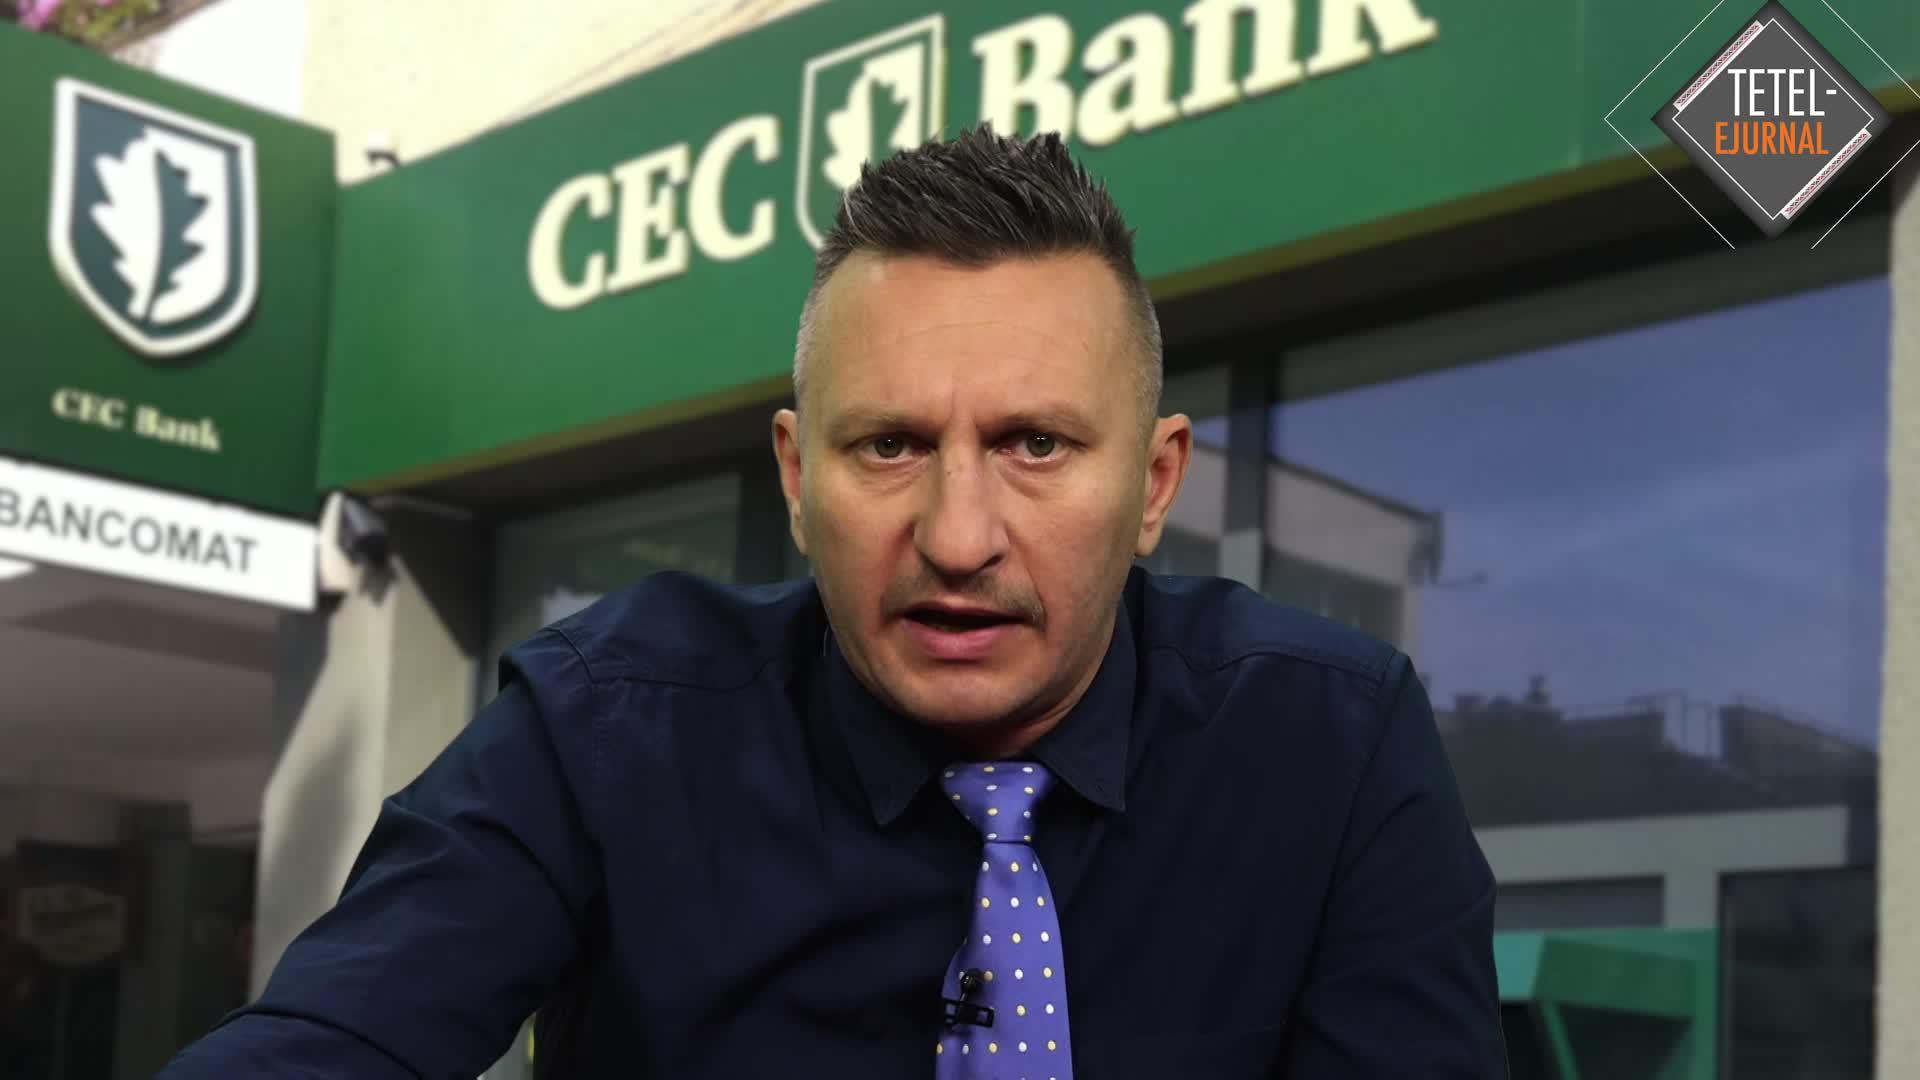 Deci mesajul meu, ca analist financiar bancar specialist in micro-economie este simplu: Ruşine şi UUUUEEEE